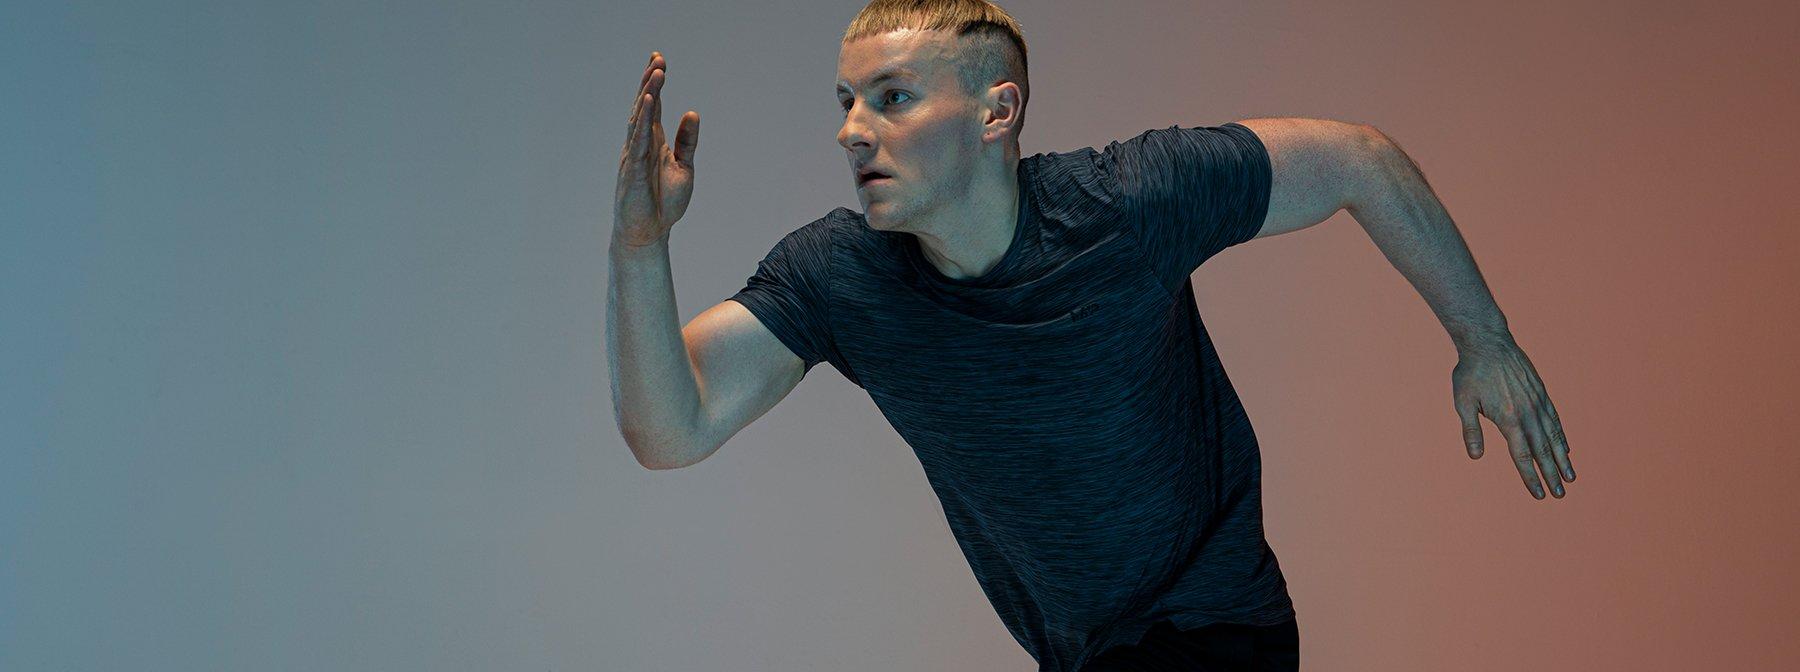 Он преодолел тревожность с помощью фитнеса | История Райана